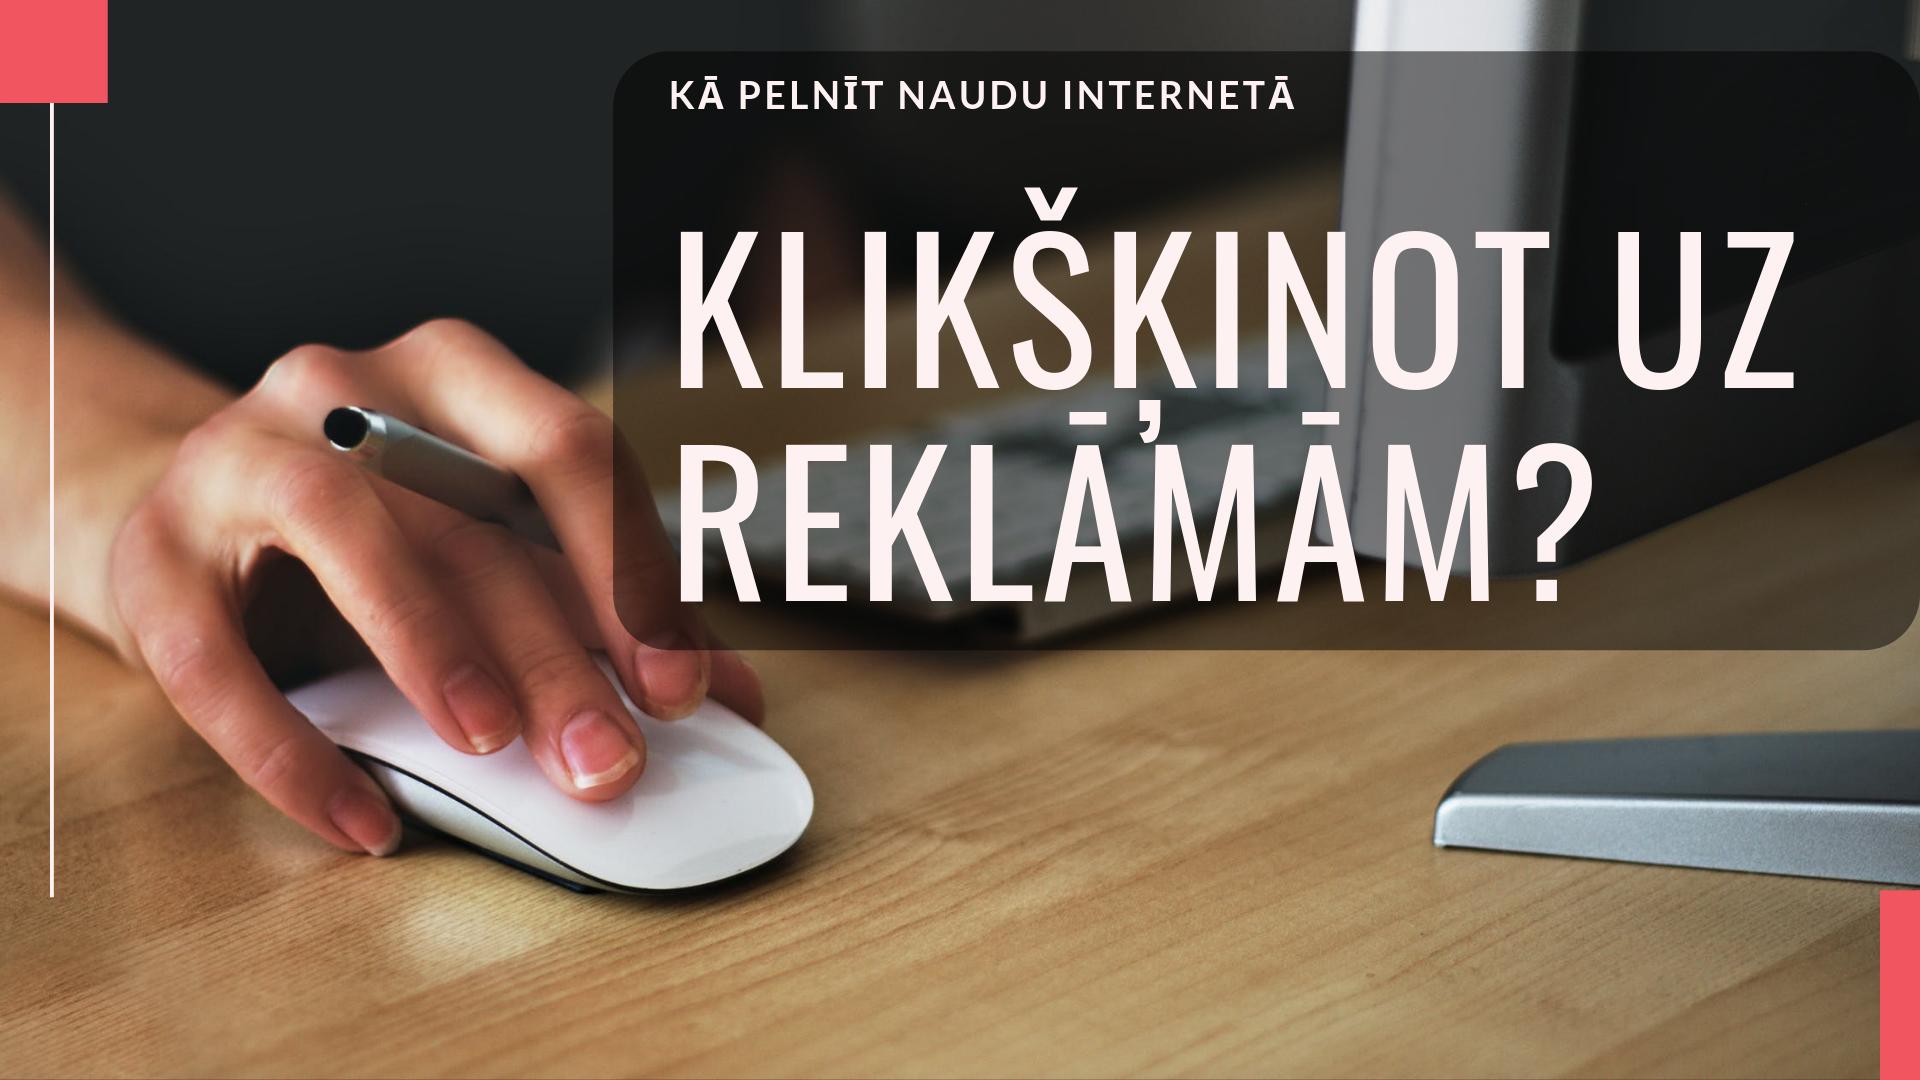 vienkāršākās programmas, kā pelnīt naudu internetā)